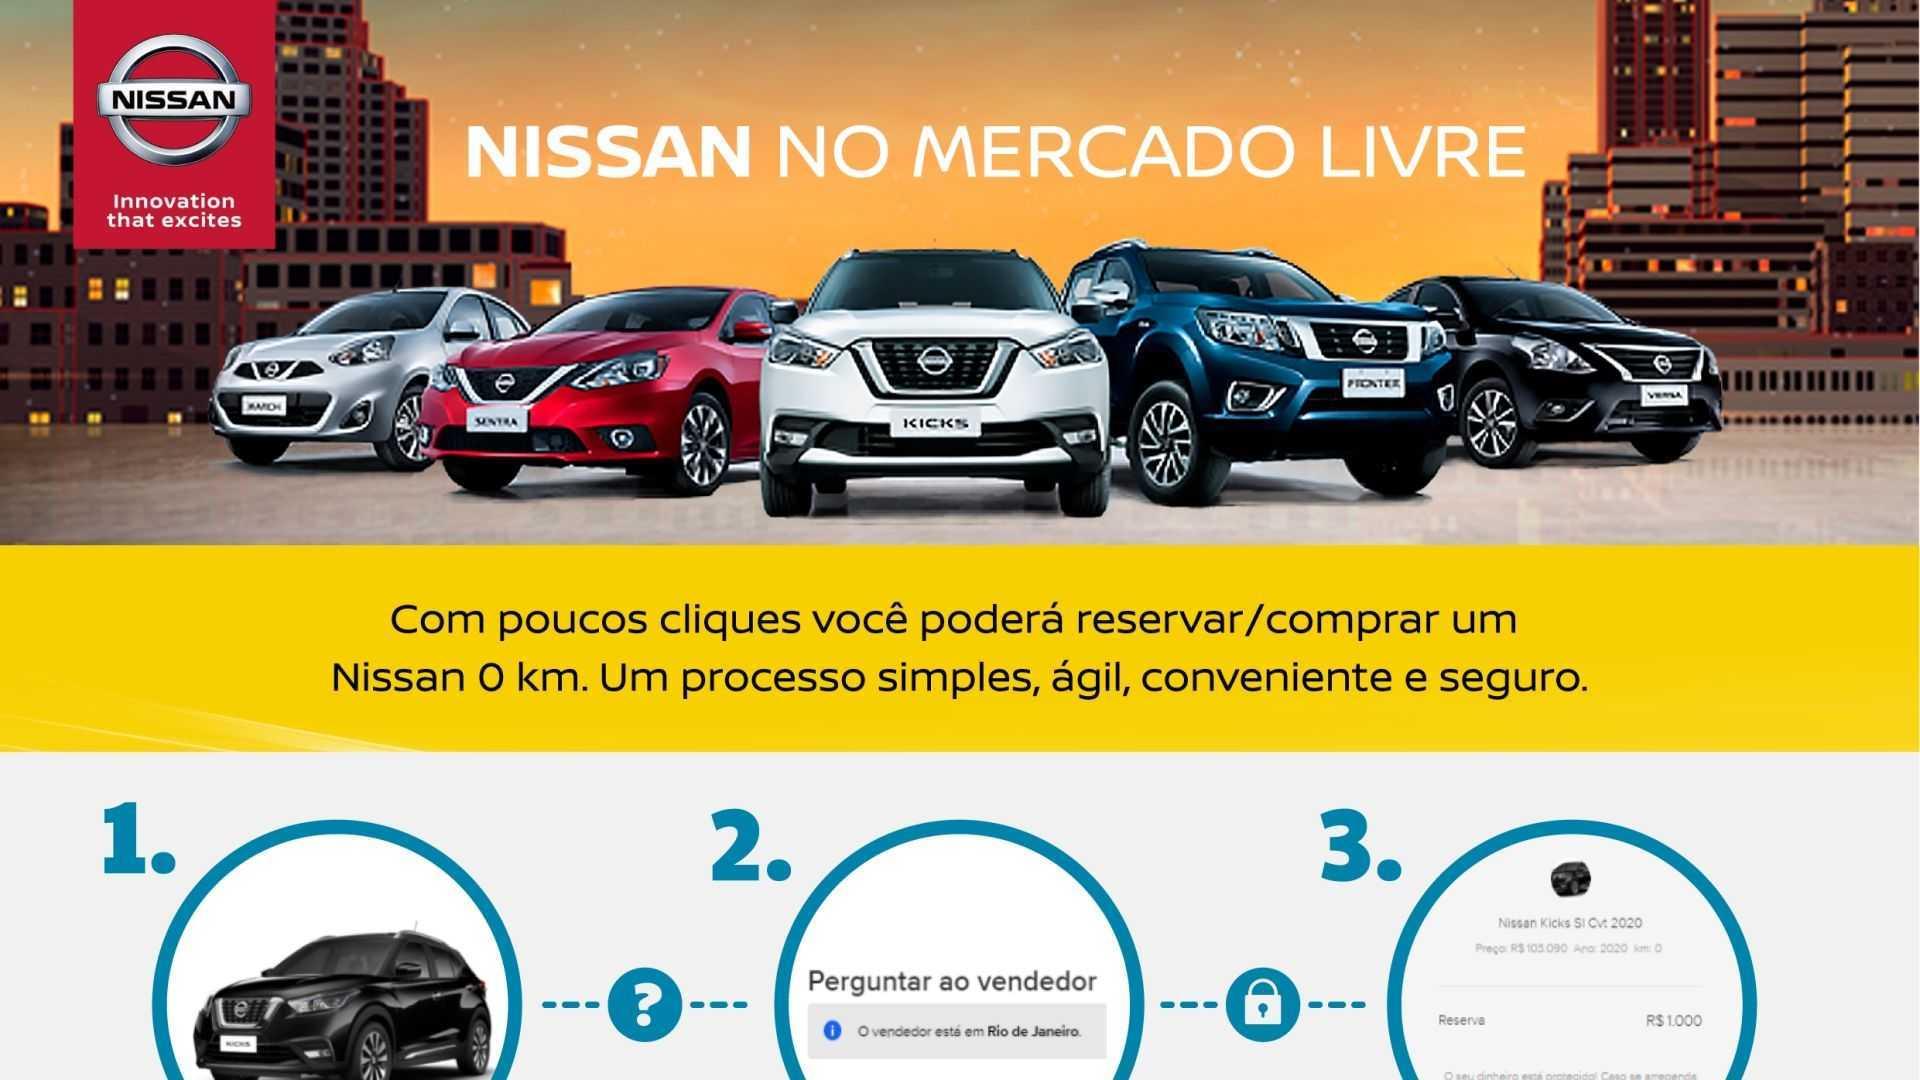 Nissan Inaugura Loja E Passa A Oferecer Toda Linha No Mercado Livre